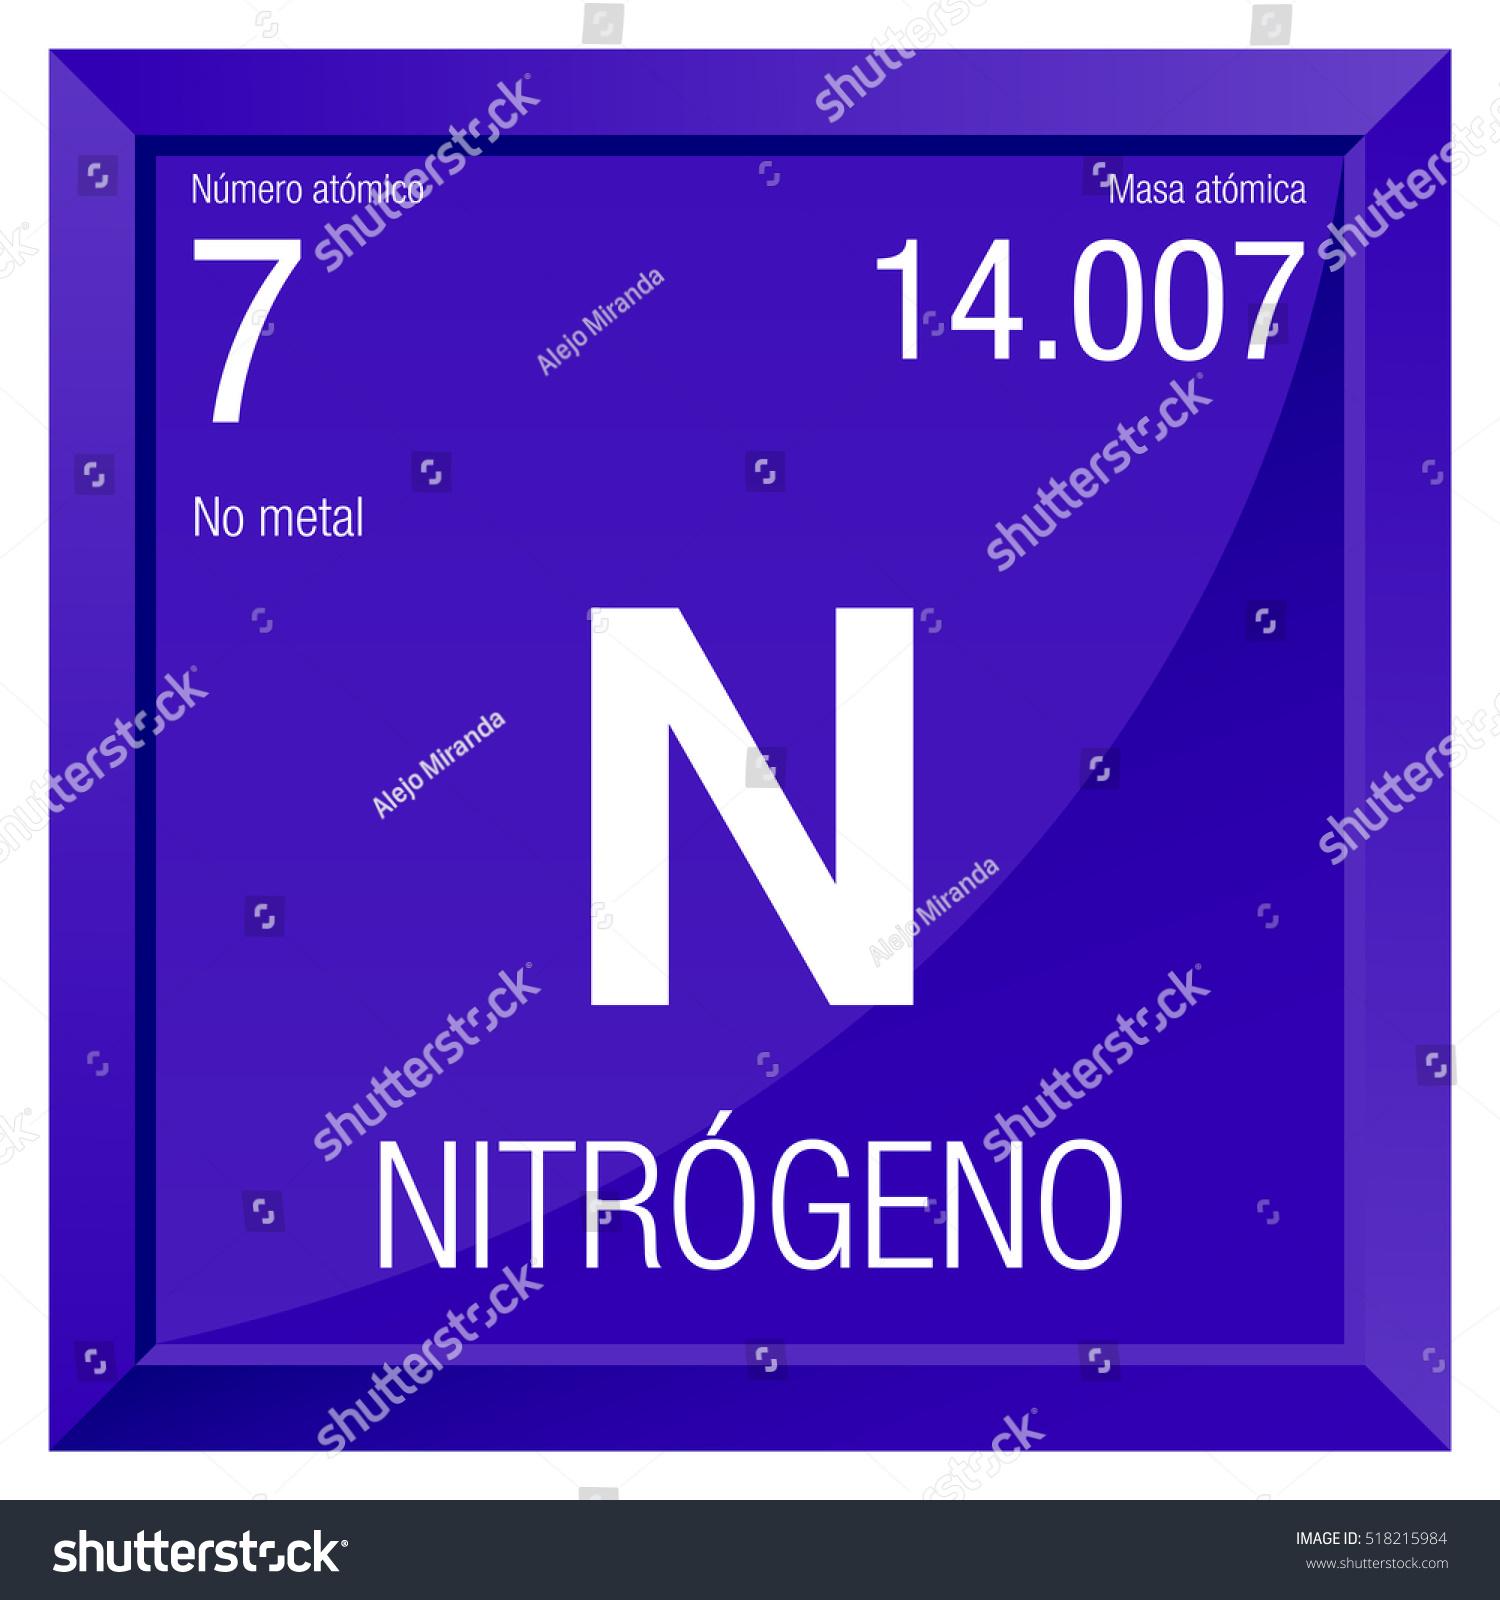 Nitrogeno symbol nitrogen spanish language element stock photo nitrogeno symbol nitrogen in spanish language element number 7 of the periodic table of urtaz Images